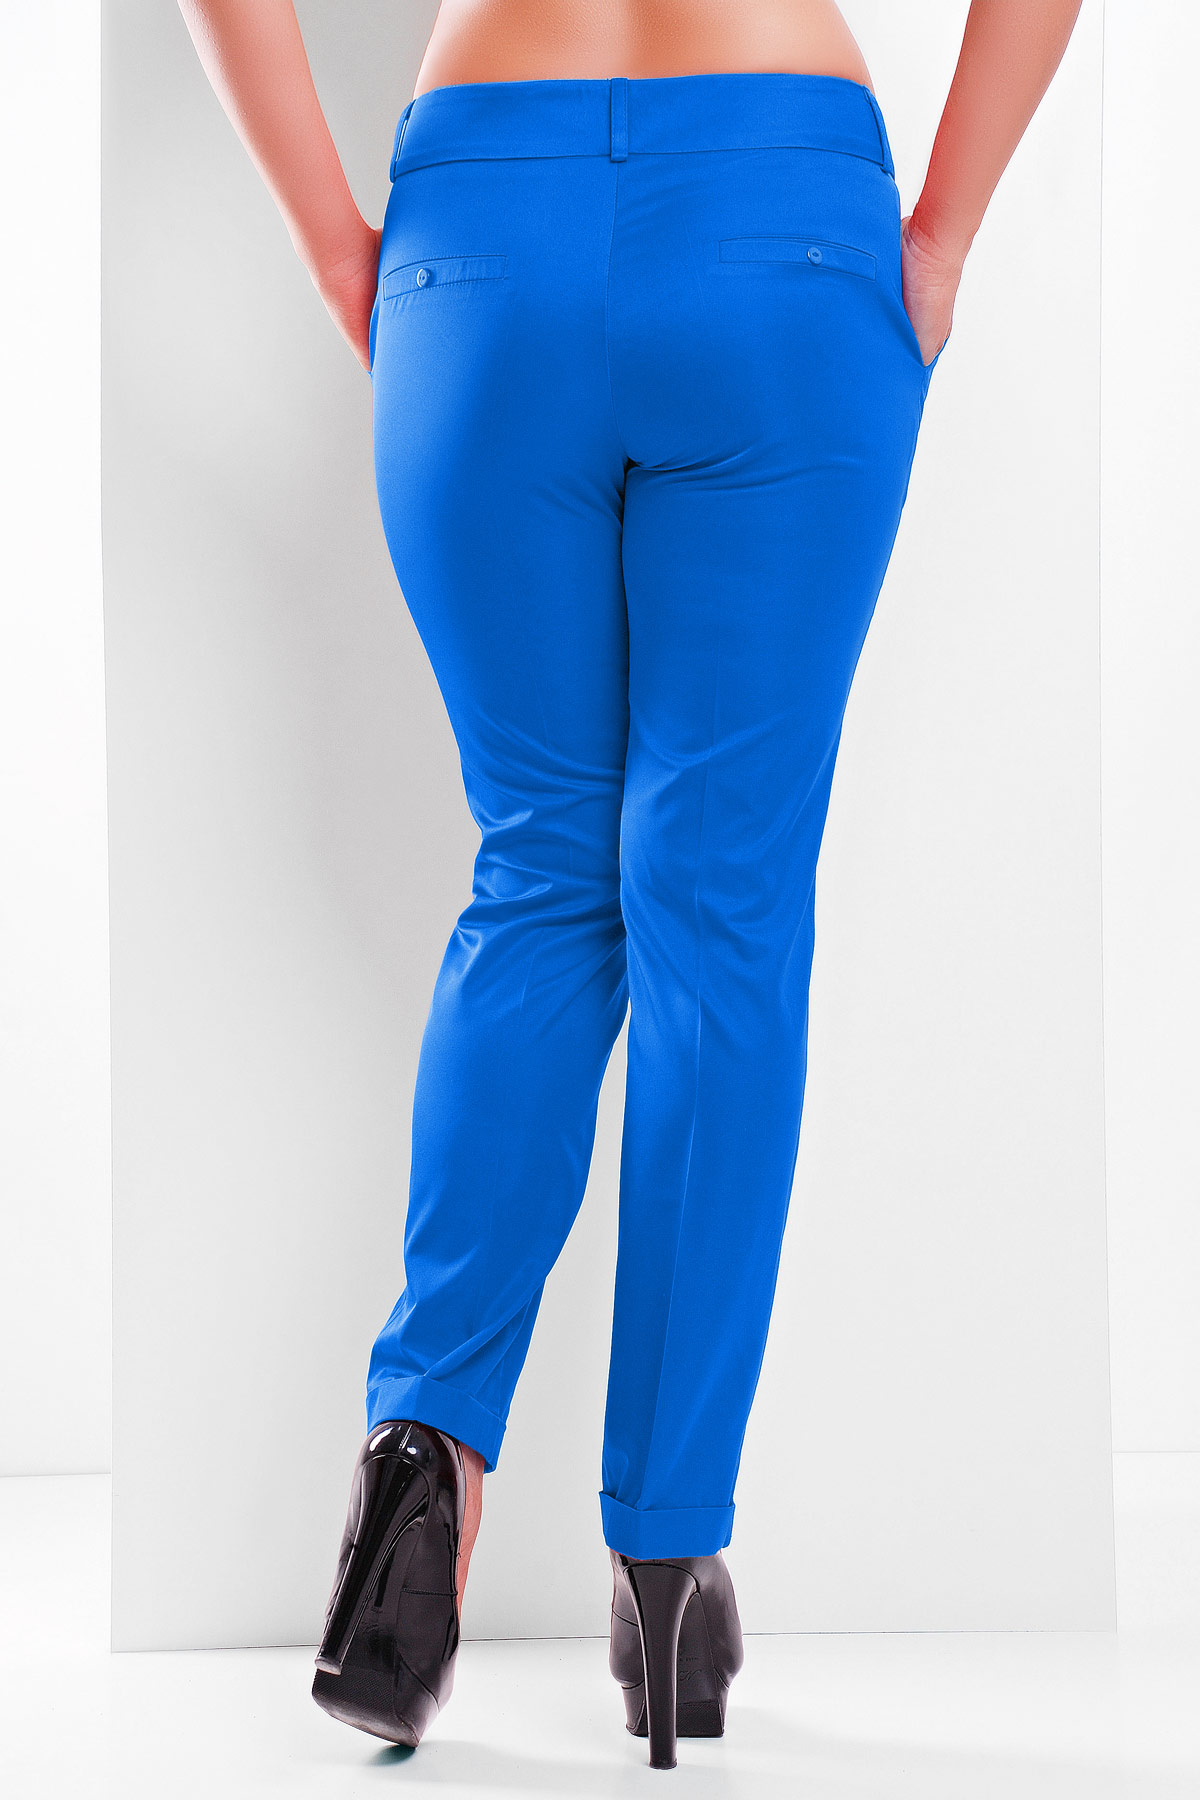 женские белые классические брюки большого размера. брюки Хилори-Б. Цвет: электрик